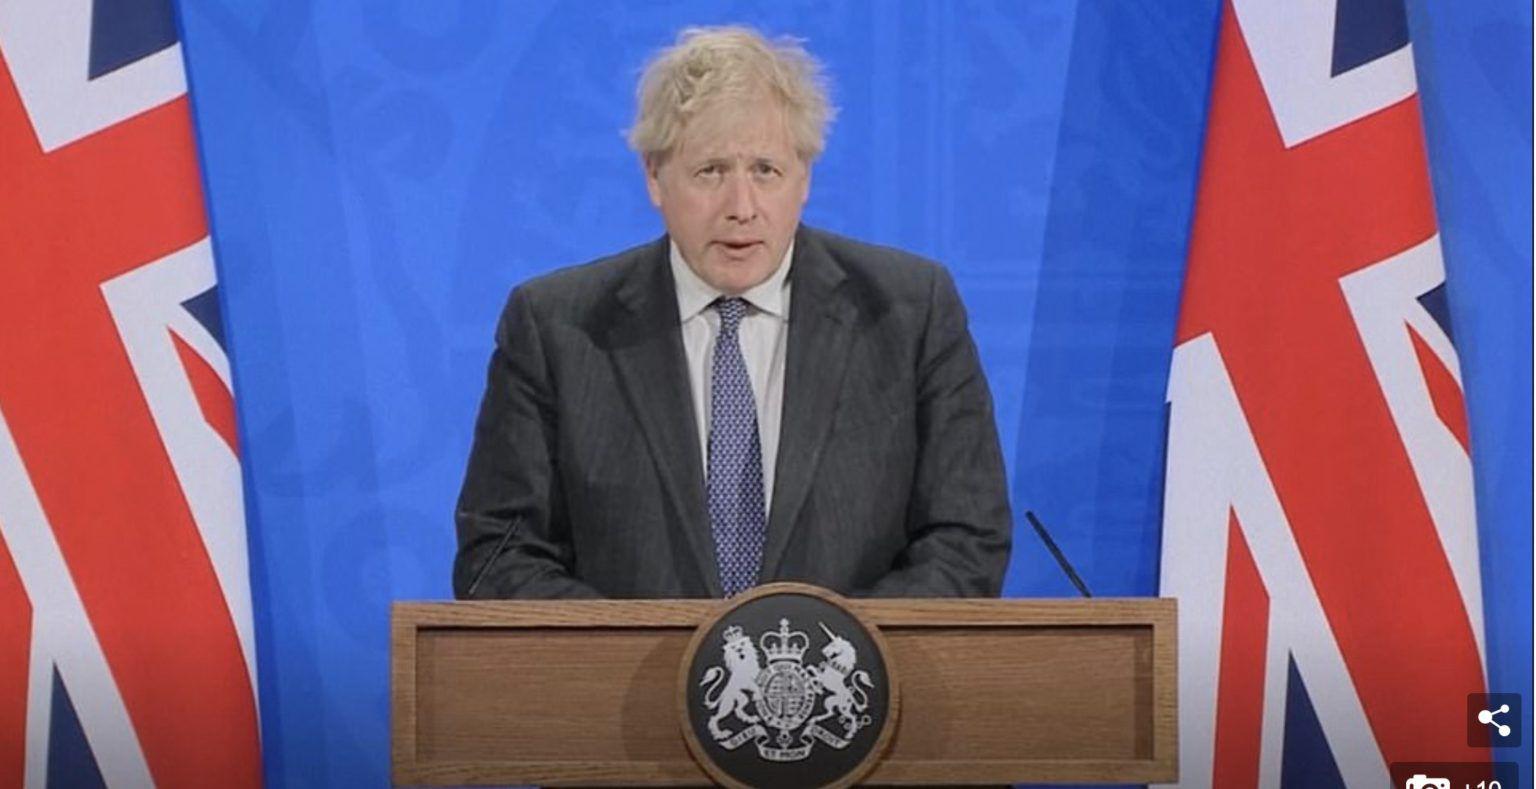 MAJ - #UK - Boris #Johnson : les Anglais seront dorénavant soignés avec des médocs… parce que les #vaccins ne protègent pas + Dr. Sherri #Tenpenny